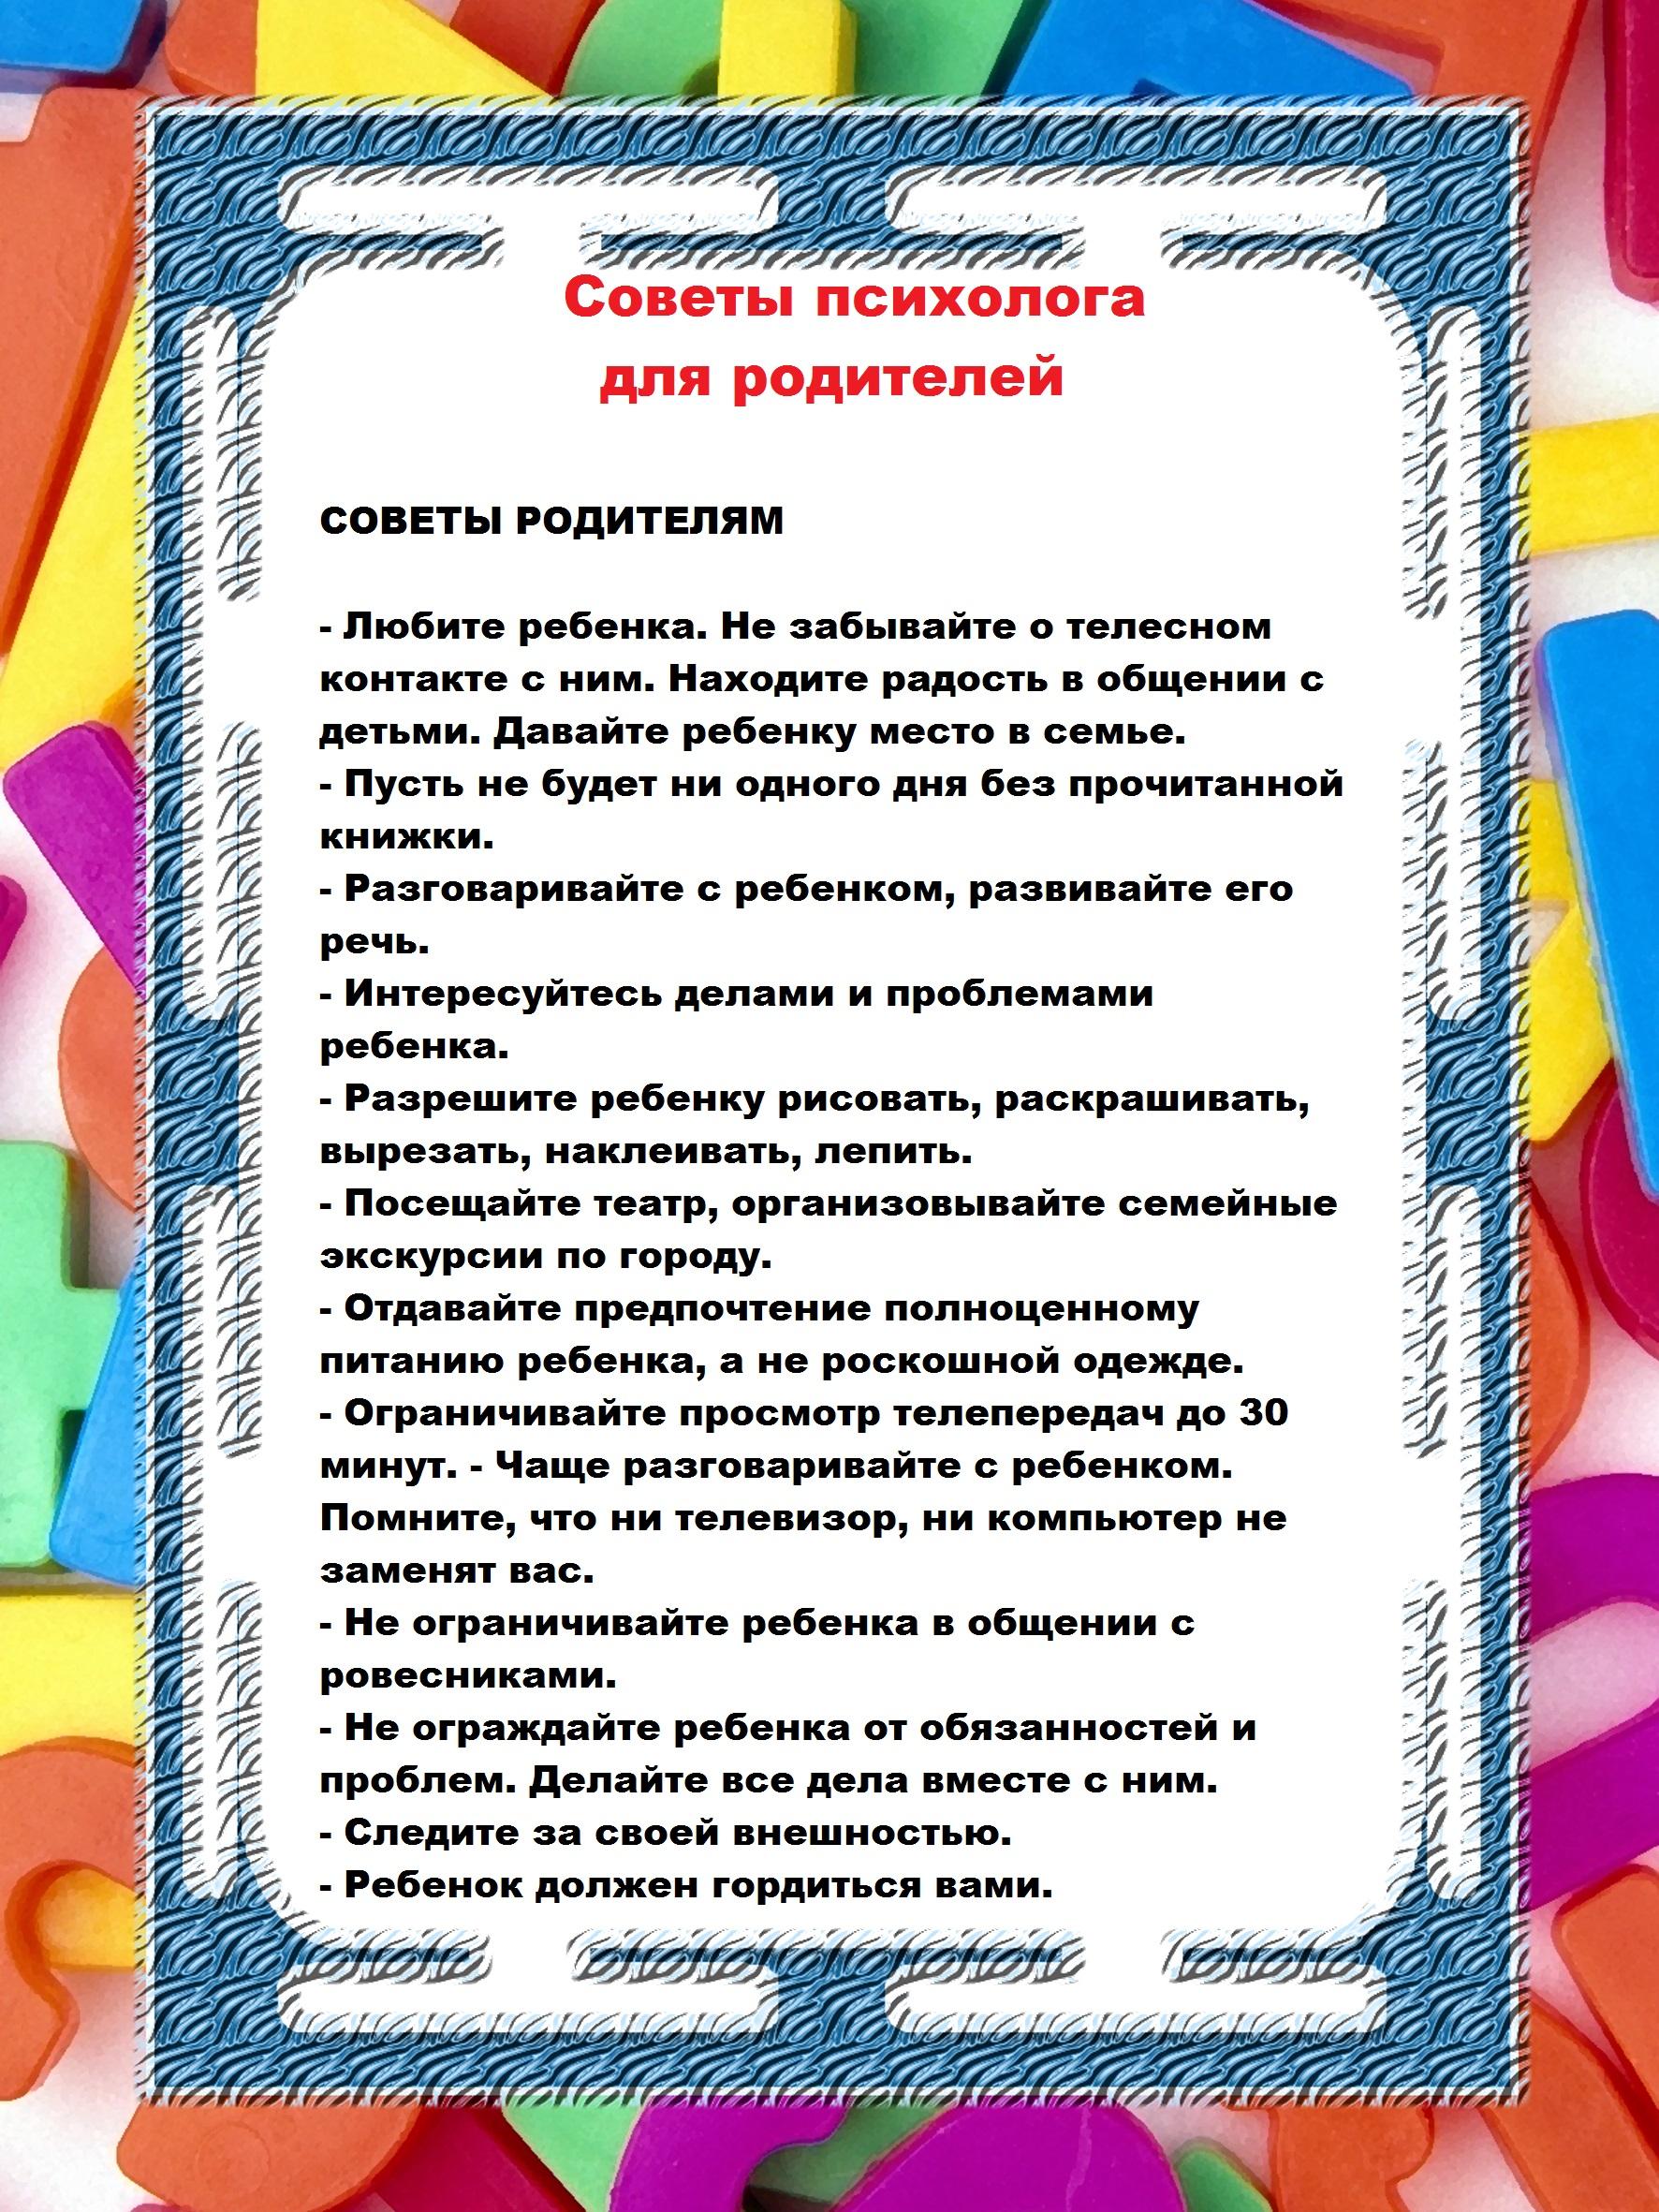 Знакомство советы психологов